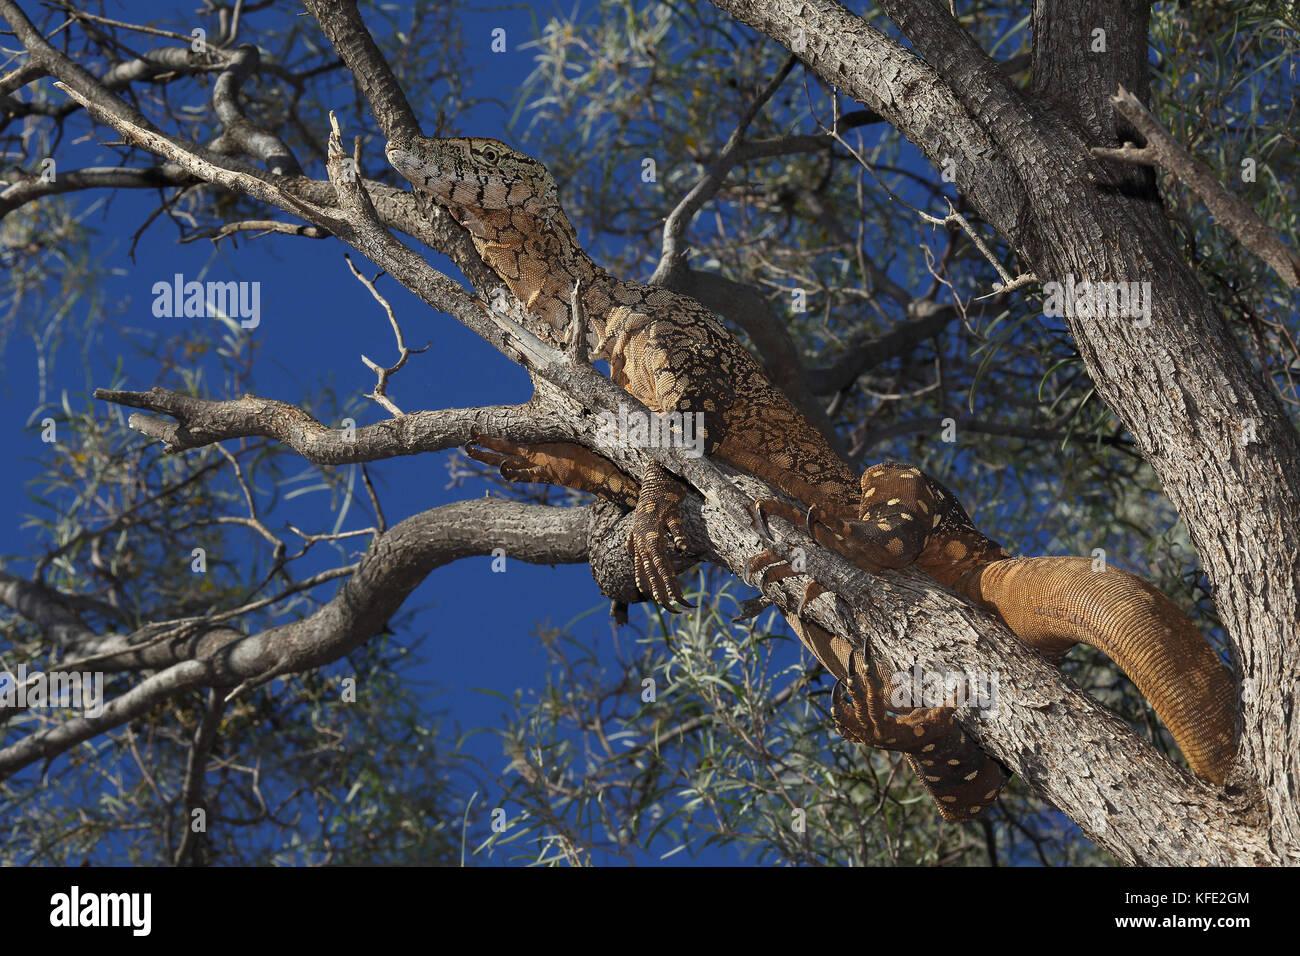 Perentie (Varanus giganteus), el lagarto más grande de Australia, alcanzando una longitud de 2,5 m. se produce Imagen De Stock